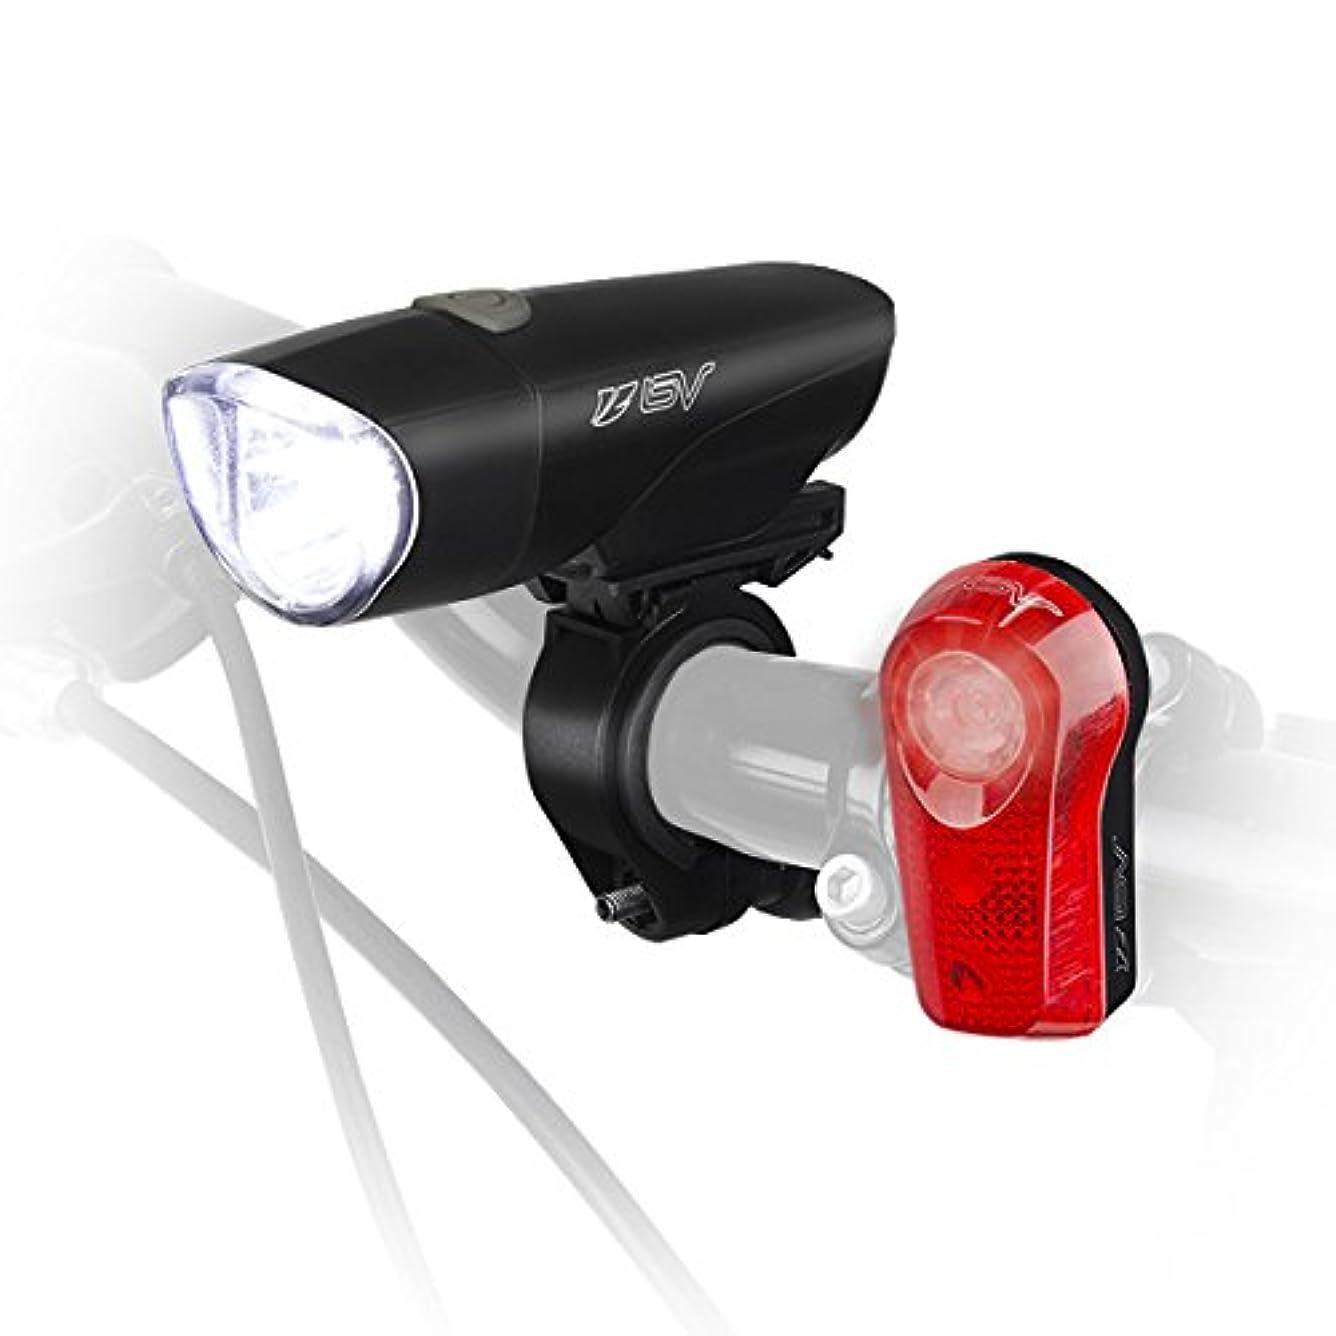 受け皿購入同じBV(ビーブイ)高輝度セーフティライトキットBV-L808 ヘッド&テールライト安全照明セット